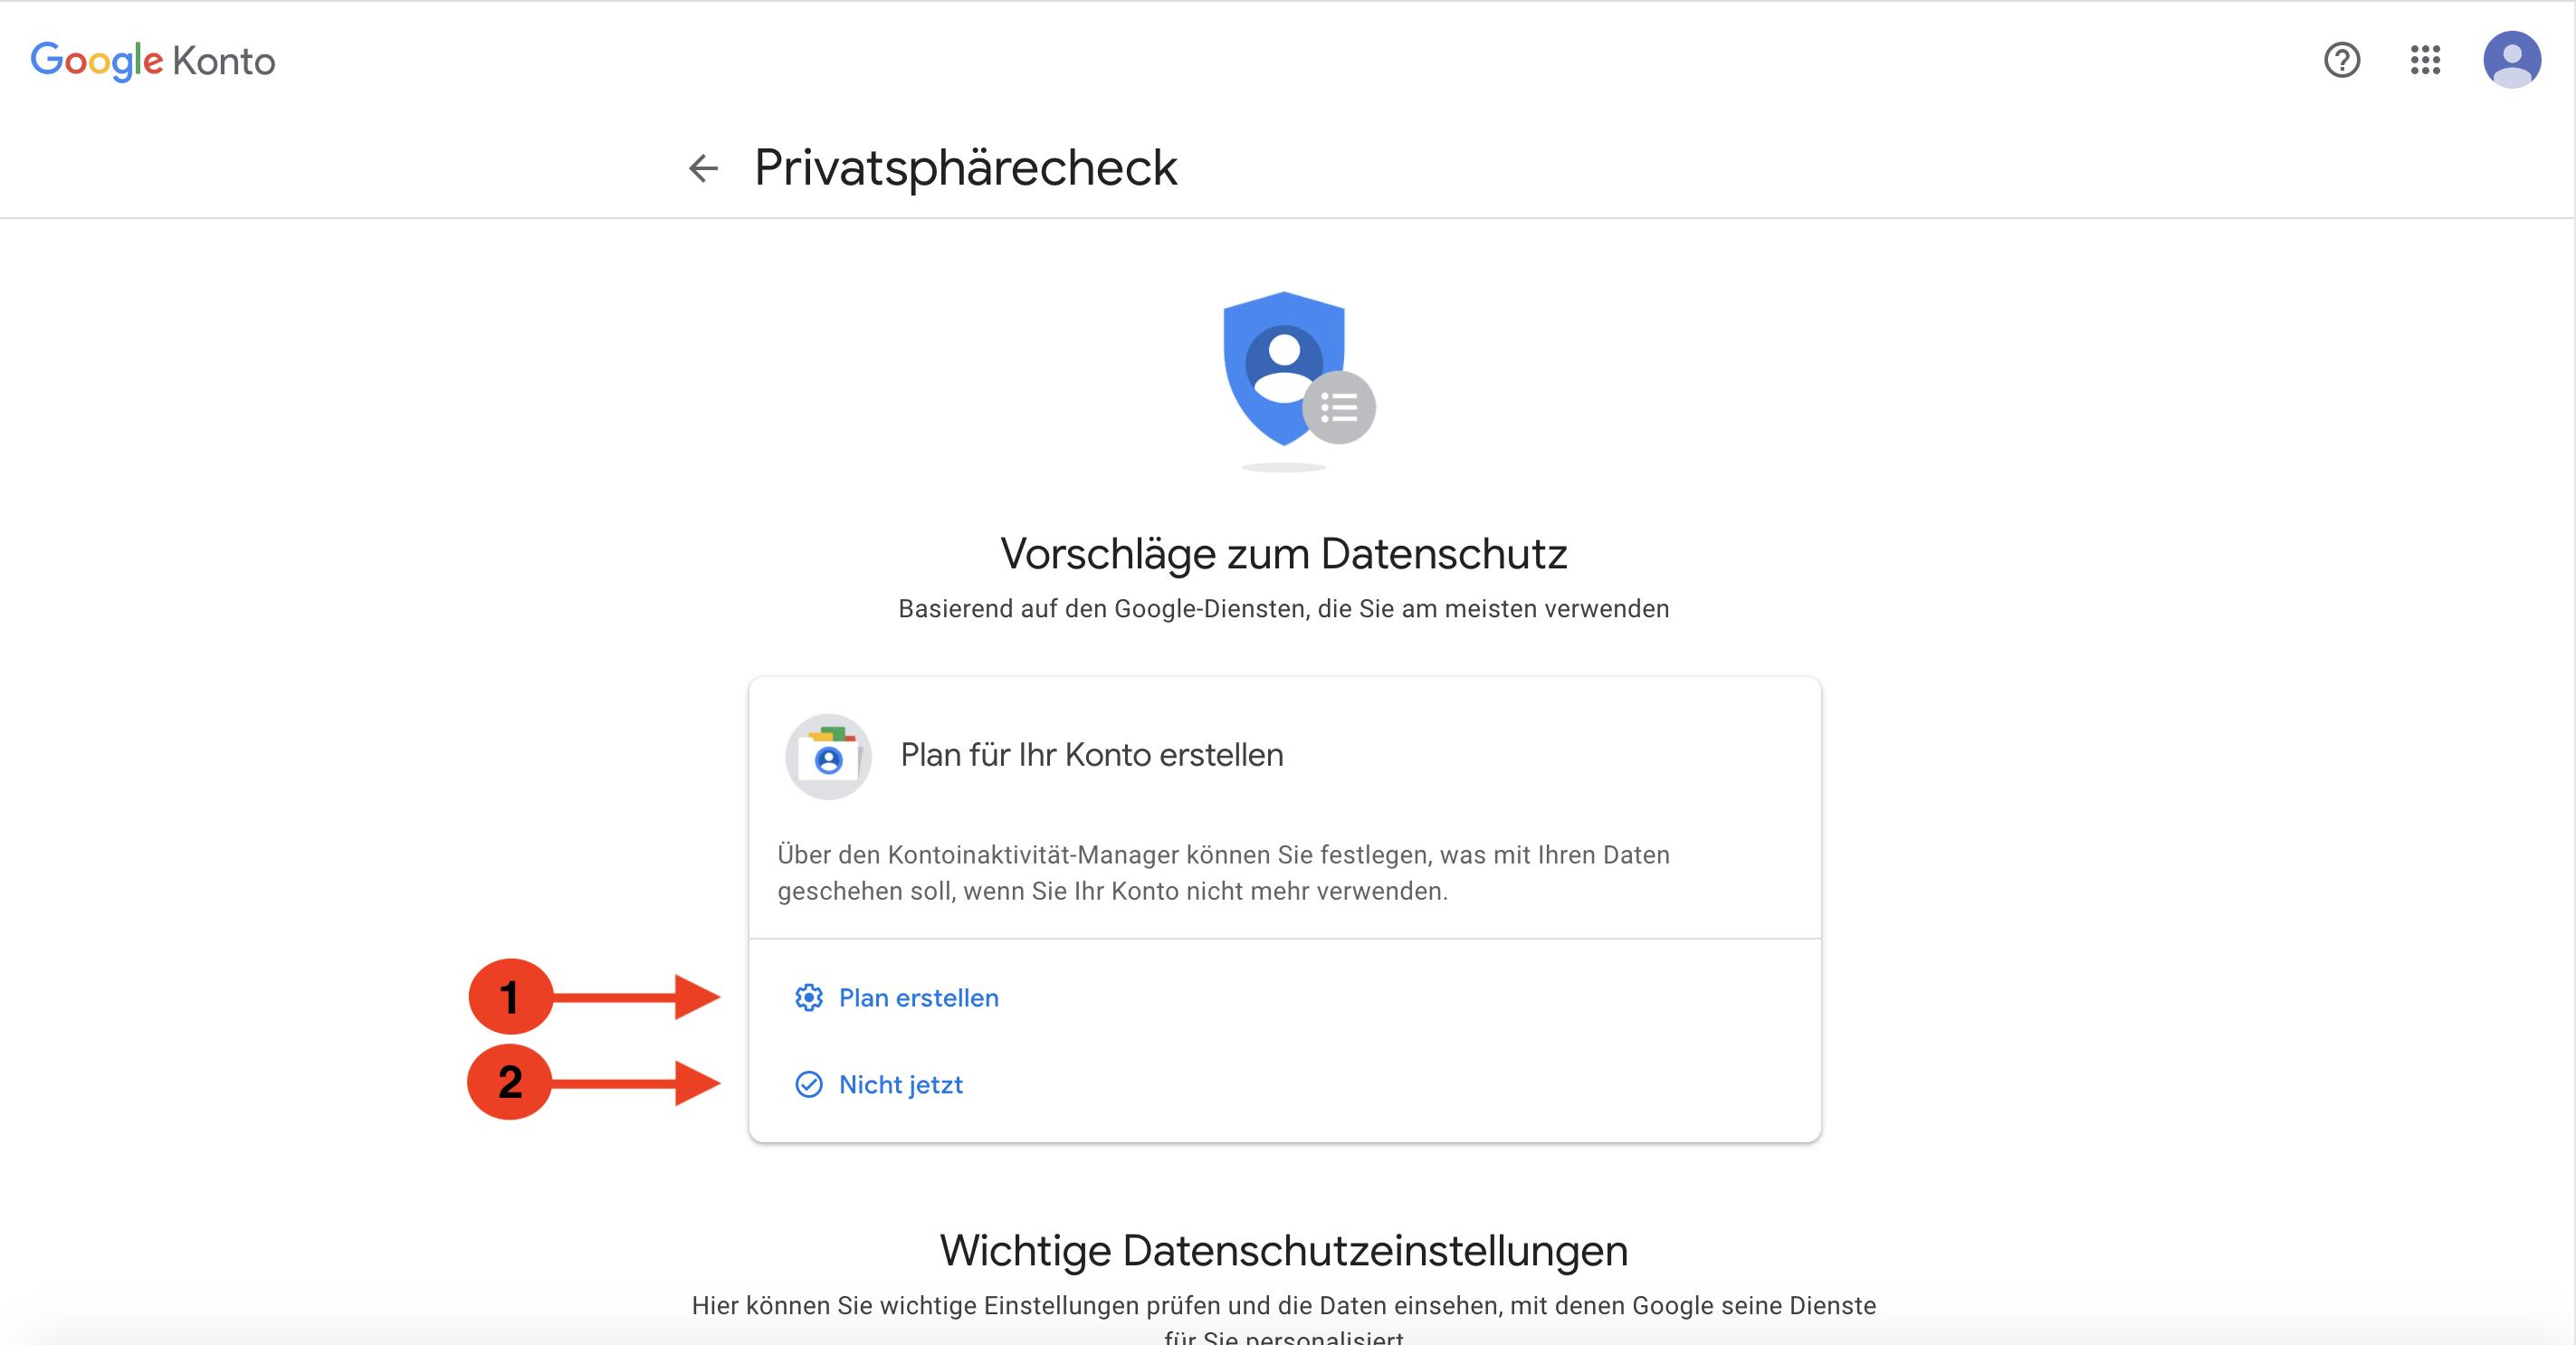 Google Konto Vorschläge Datenschutz